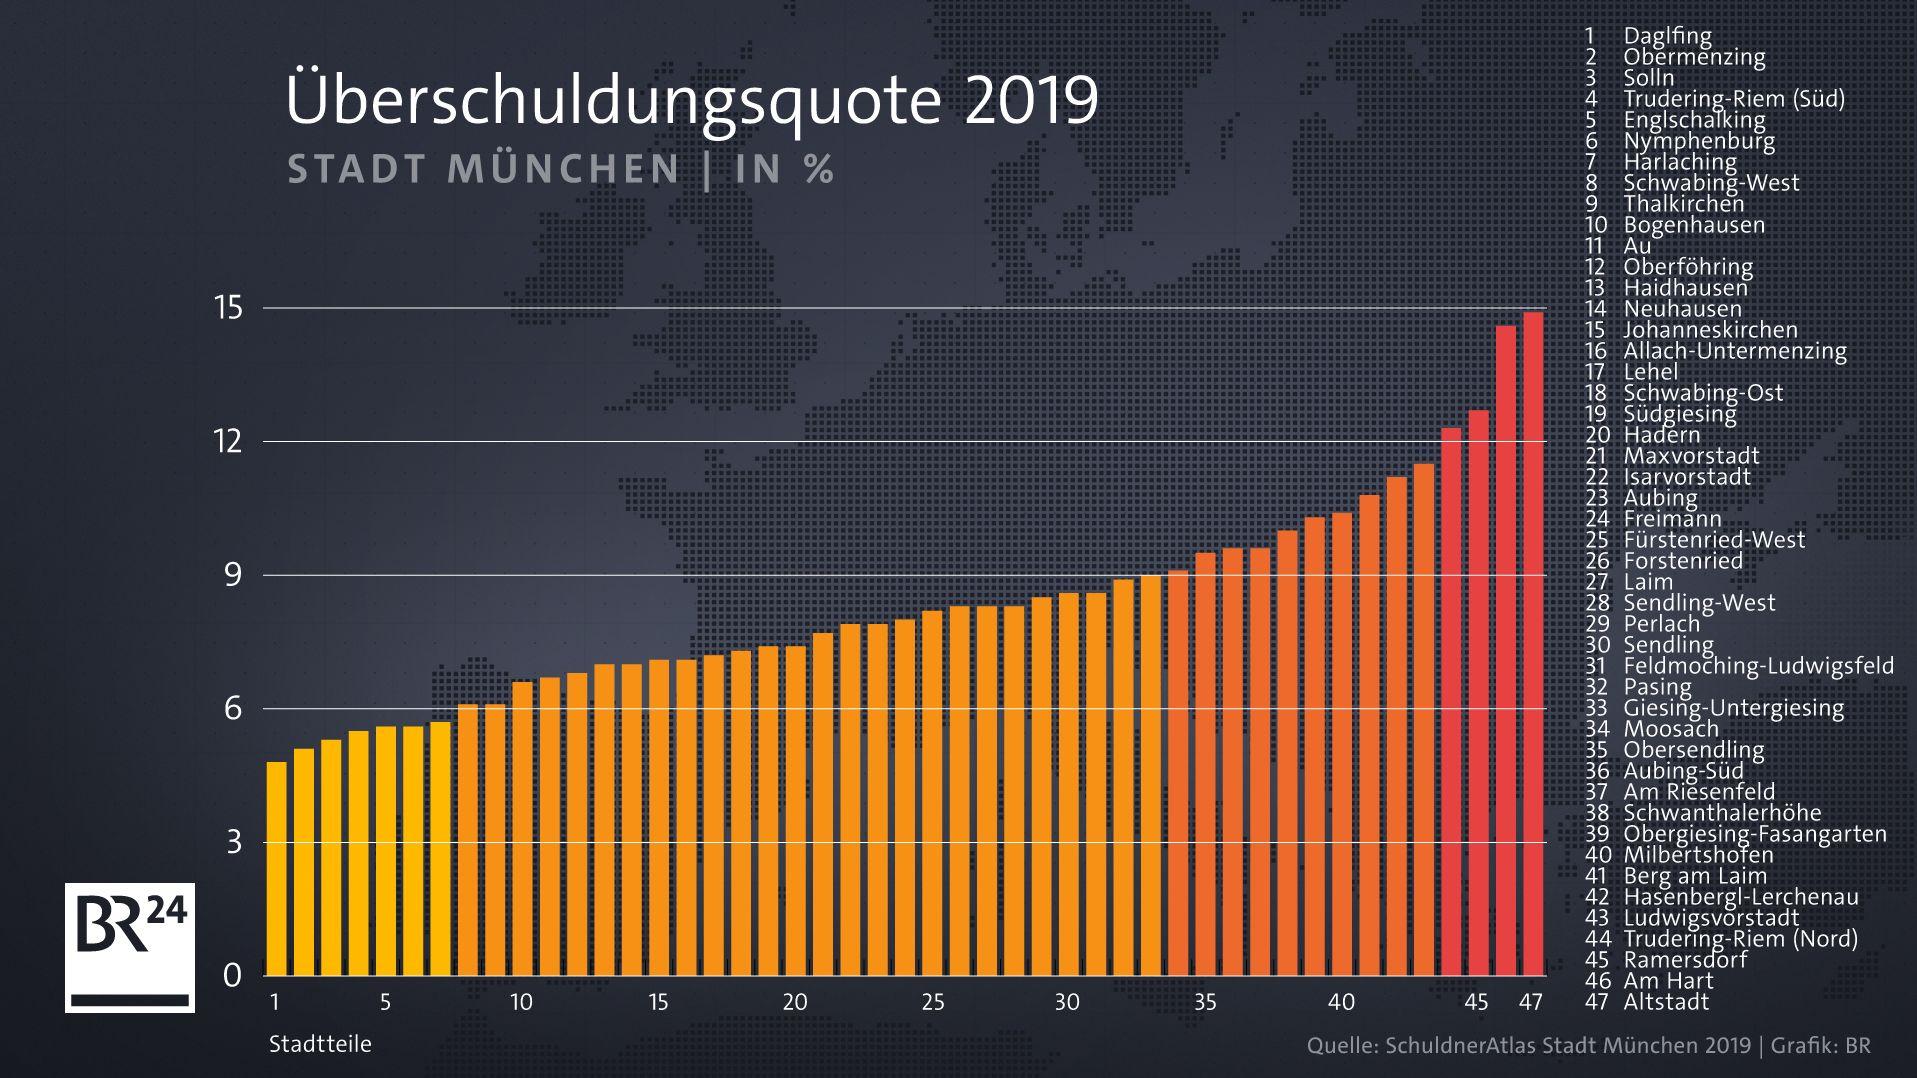 Überschuldungsquote 2019 in München